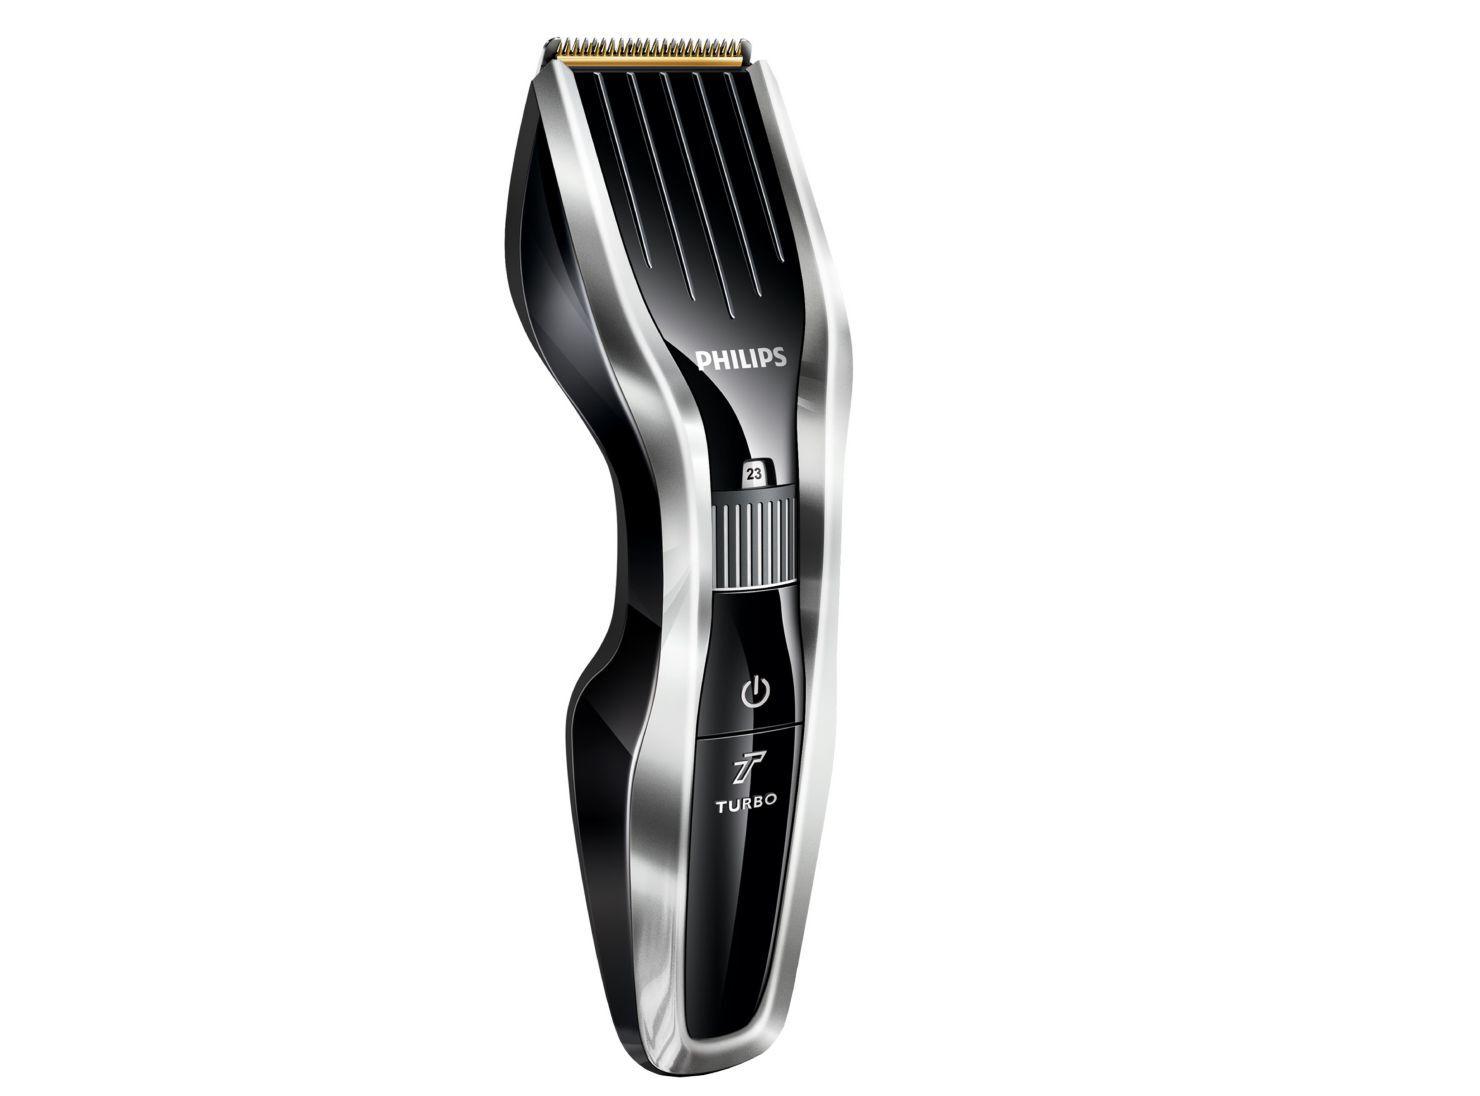 ... Cortapelos y Afeitadoras Cortapelo Philips HC5450 Hairclipper. Cortapelo%20Philips%20HC5450%20Hairclipper%2C%2Chi-res  ... 43f3c655dc36